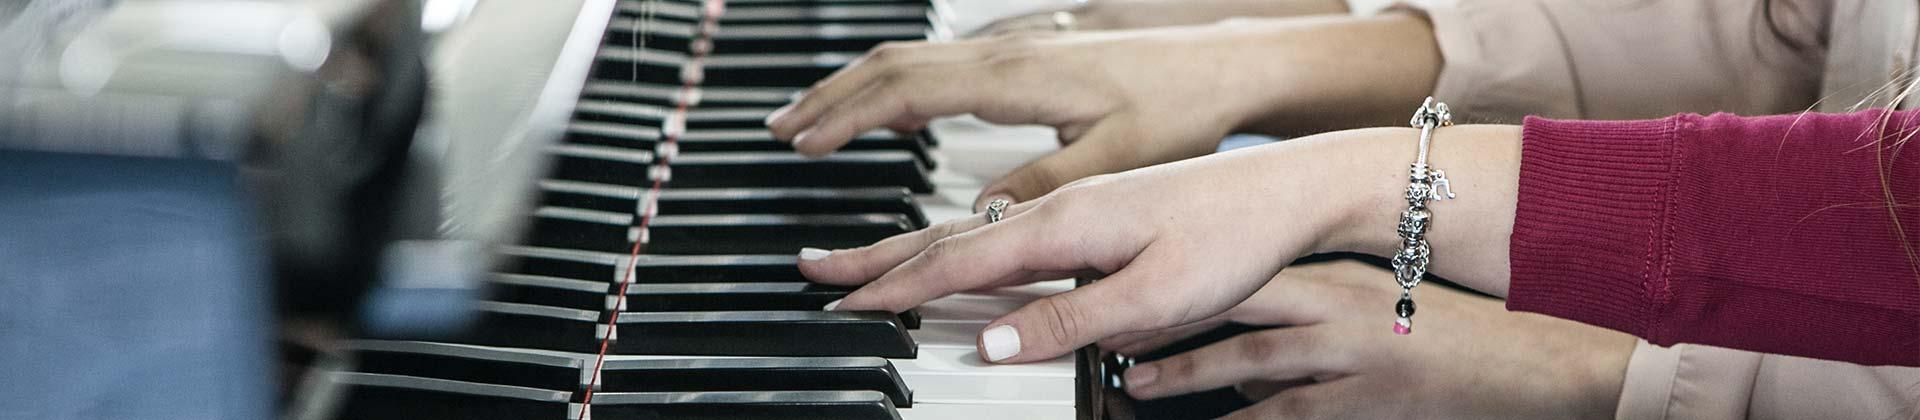 תואר שני בחינוך מוזיקלי עם תעודת התמקדות בניצוח תזמורות כלי נשיפה ילדים ונוער (7 ש